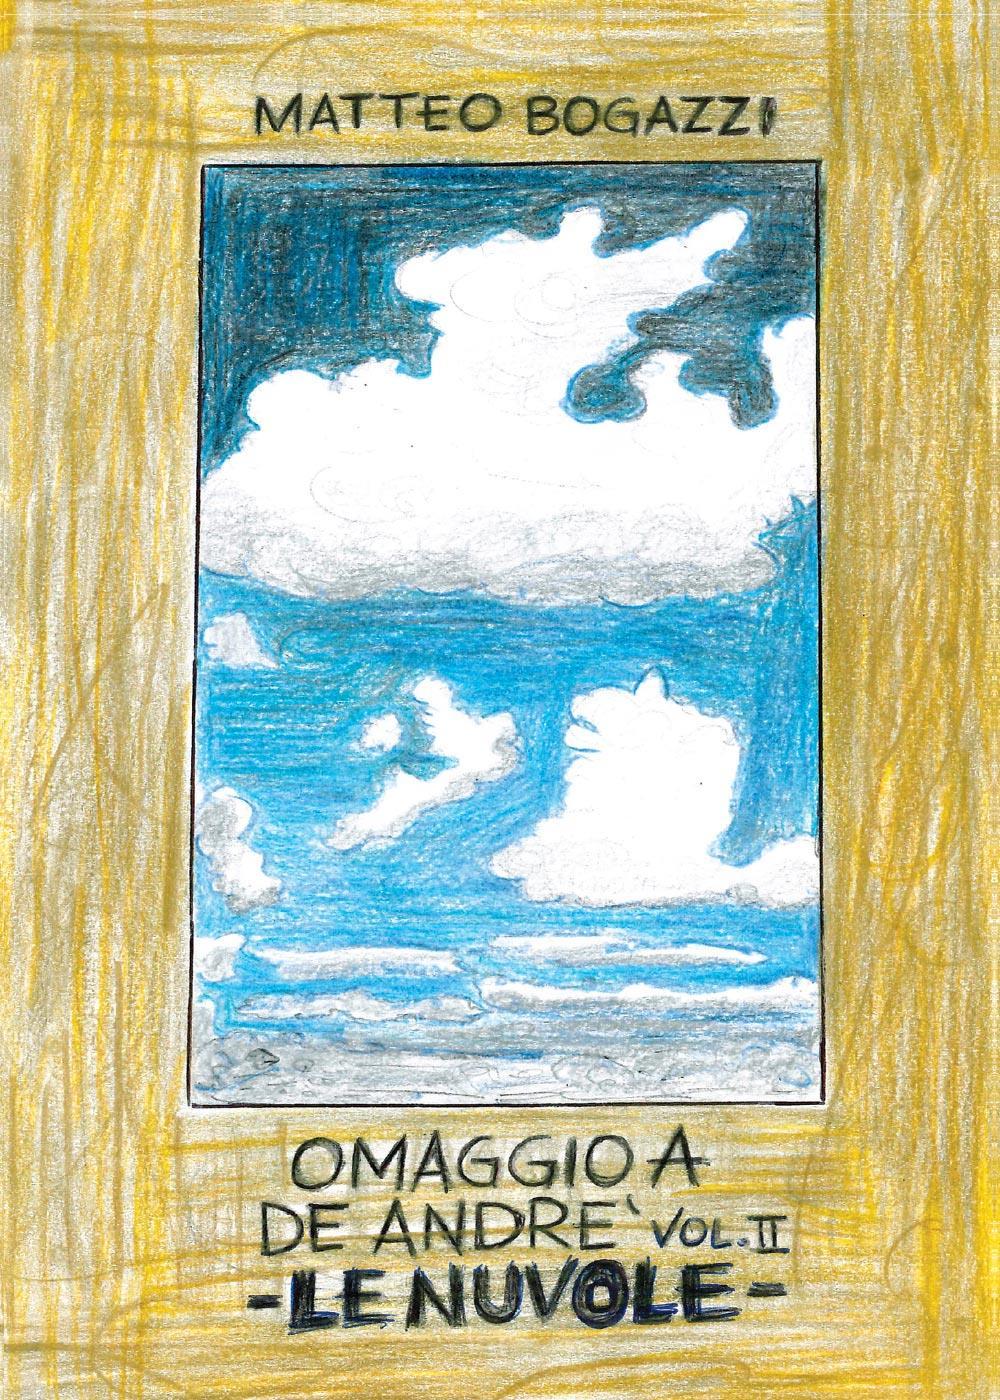 """""""Omaggio a De Andrè Vol. II - Le nuvole"""""""